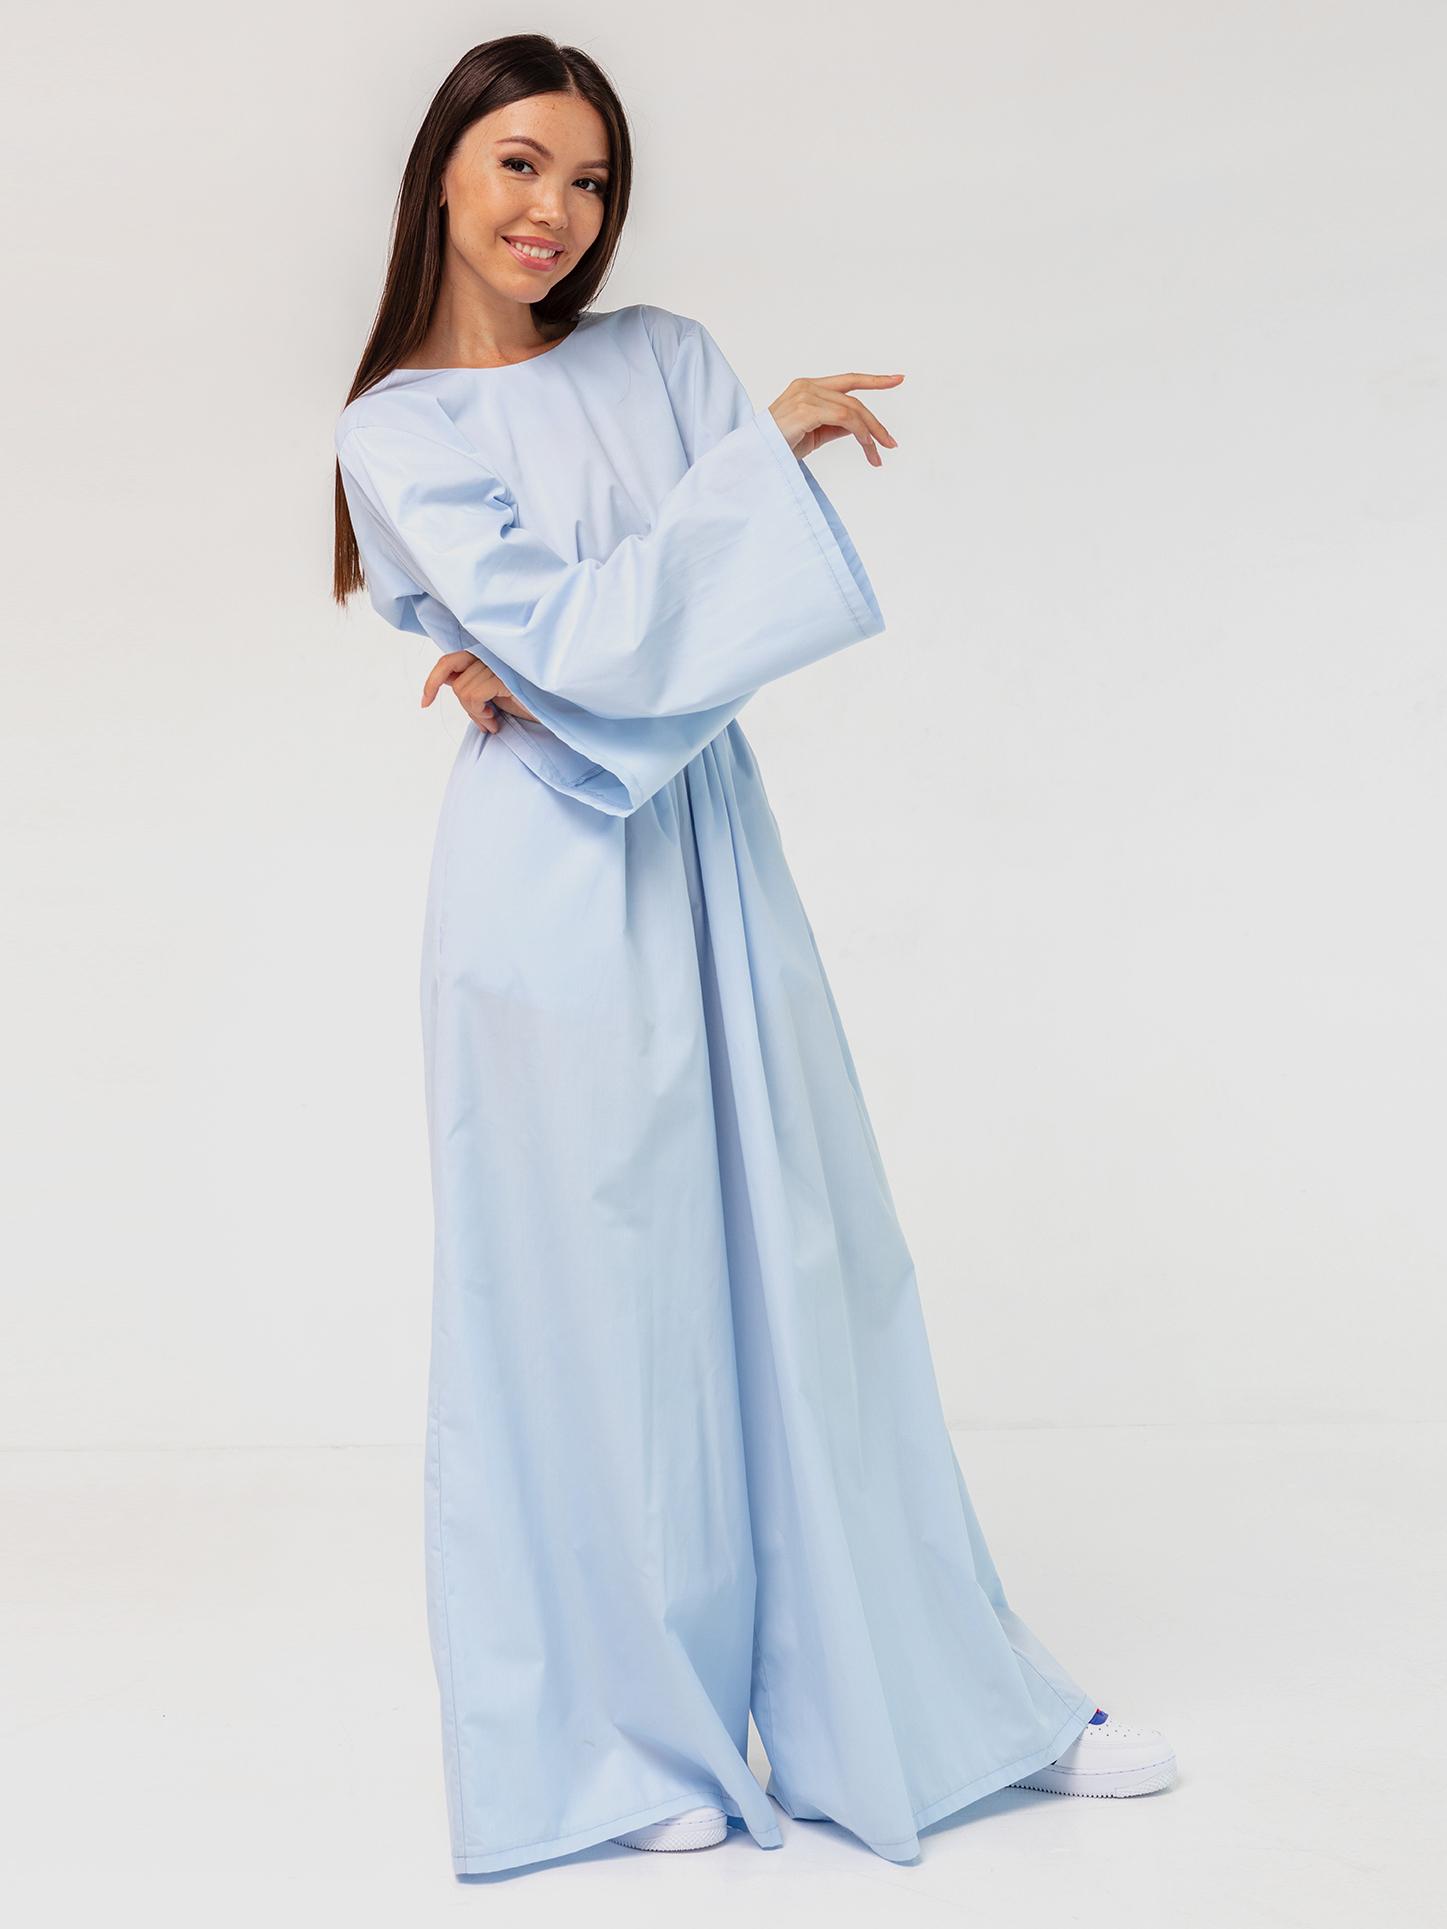 Комбинезон голубой с открытой спинкой YOS от украинского бренда Your Own Style